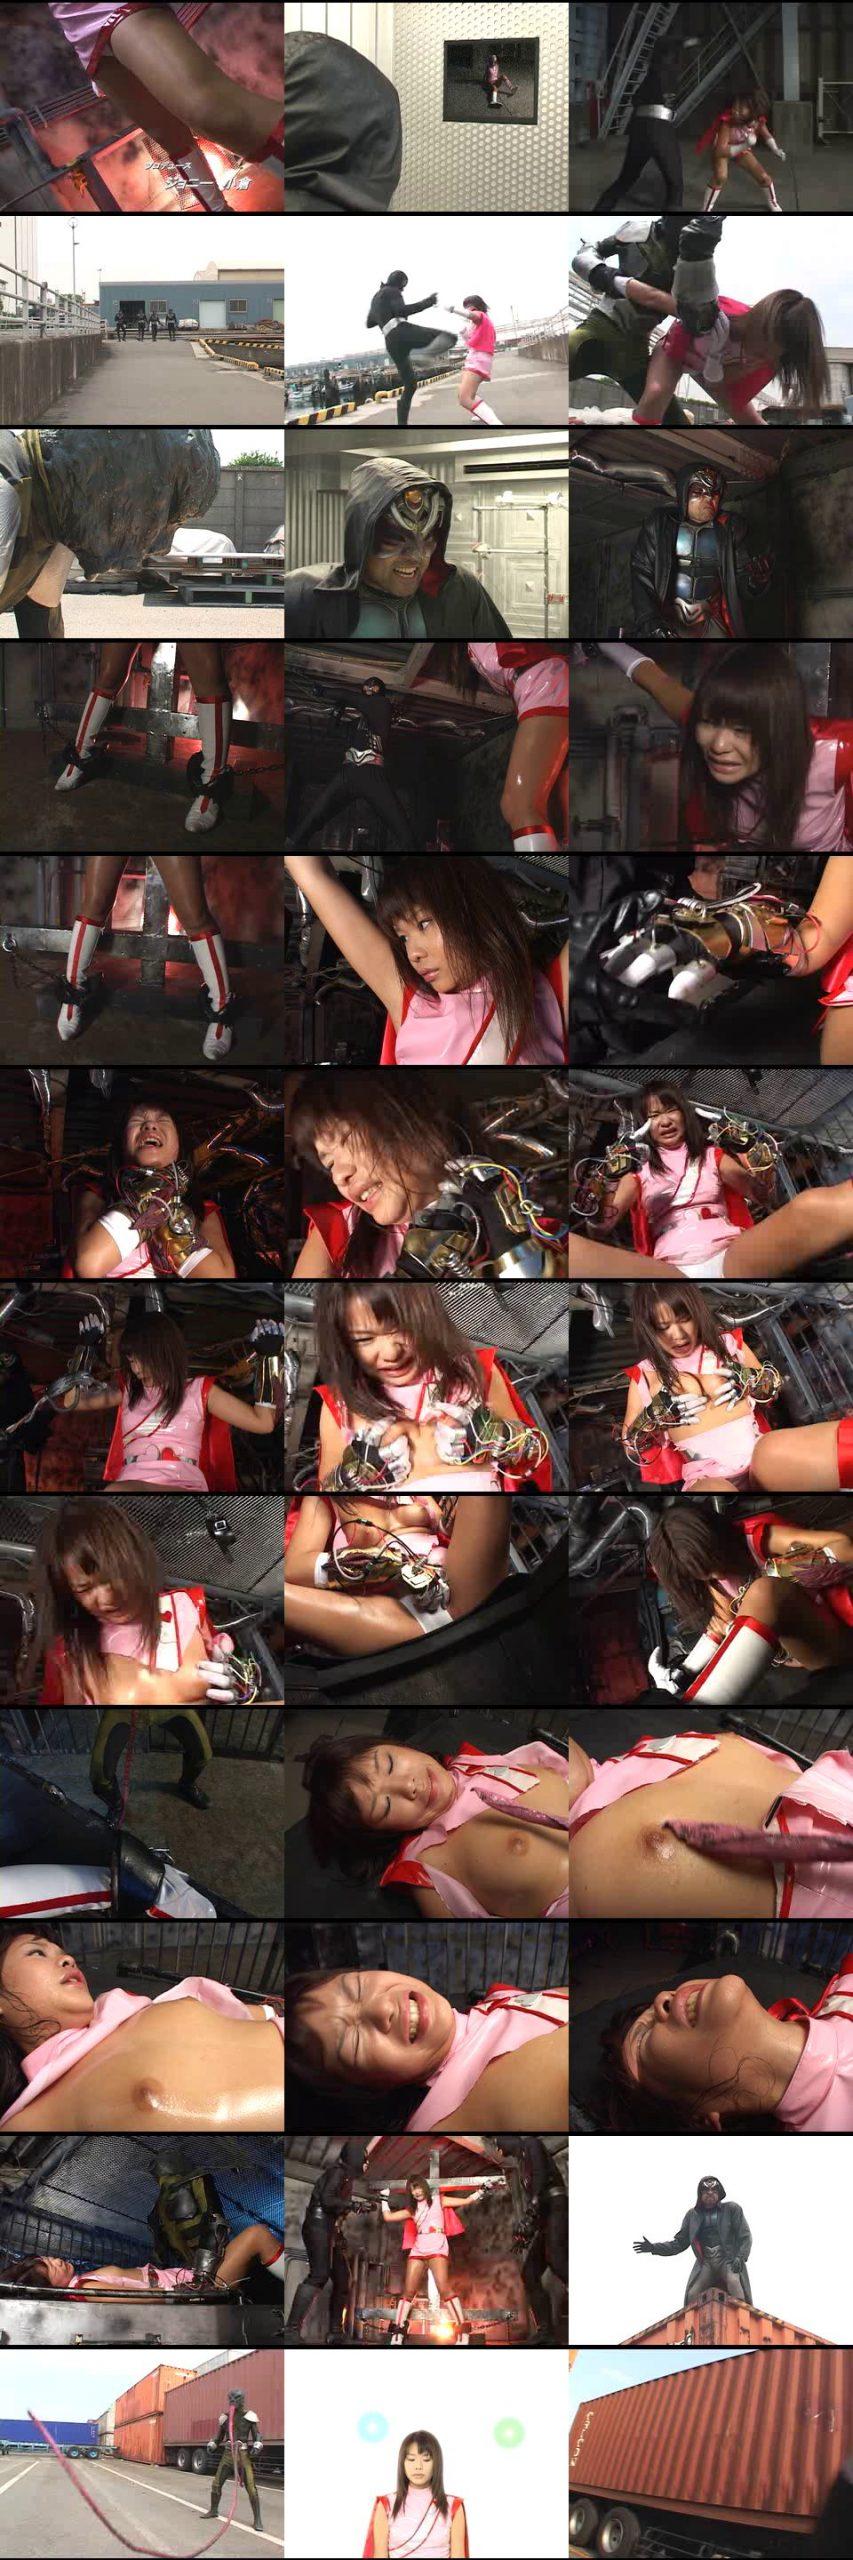 [THP-06] スーパーヒロイン危機一髪VOL.06 キューティーハート Mio Ando コスチューム  Sentai/Anime/Game ギガ GIGA(ギガ)